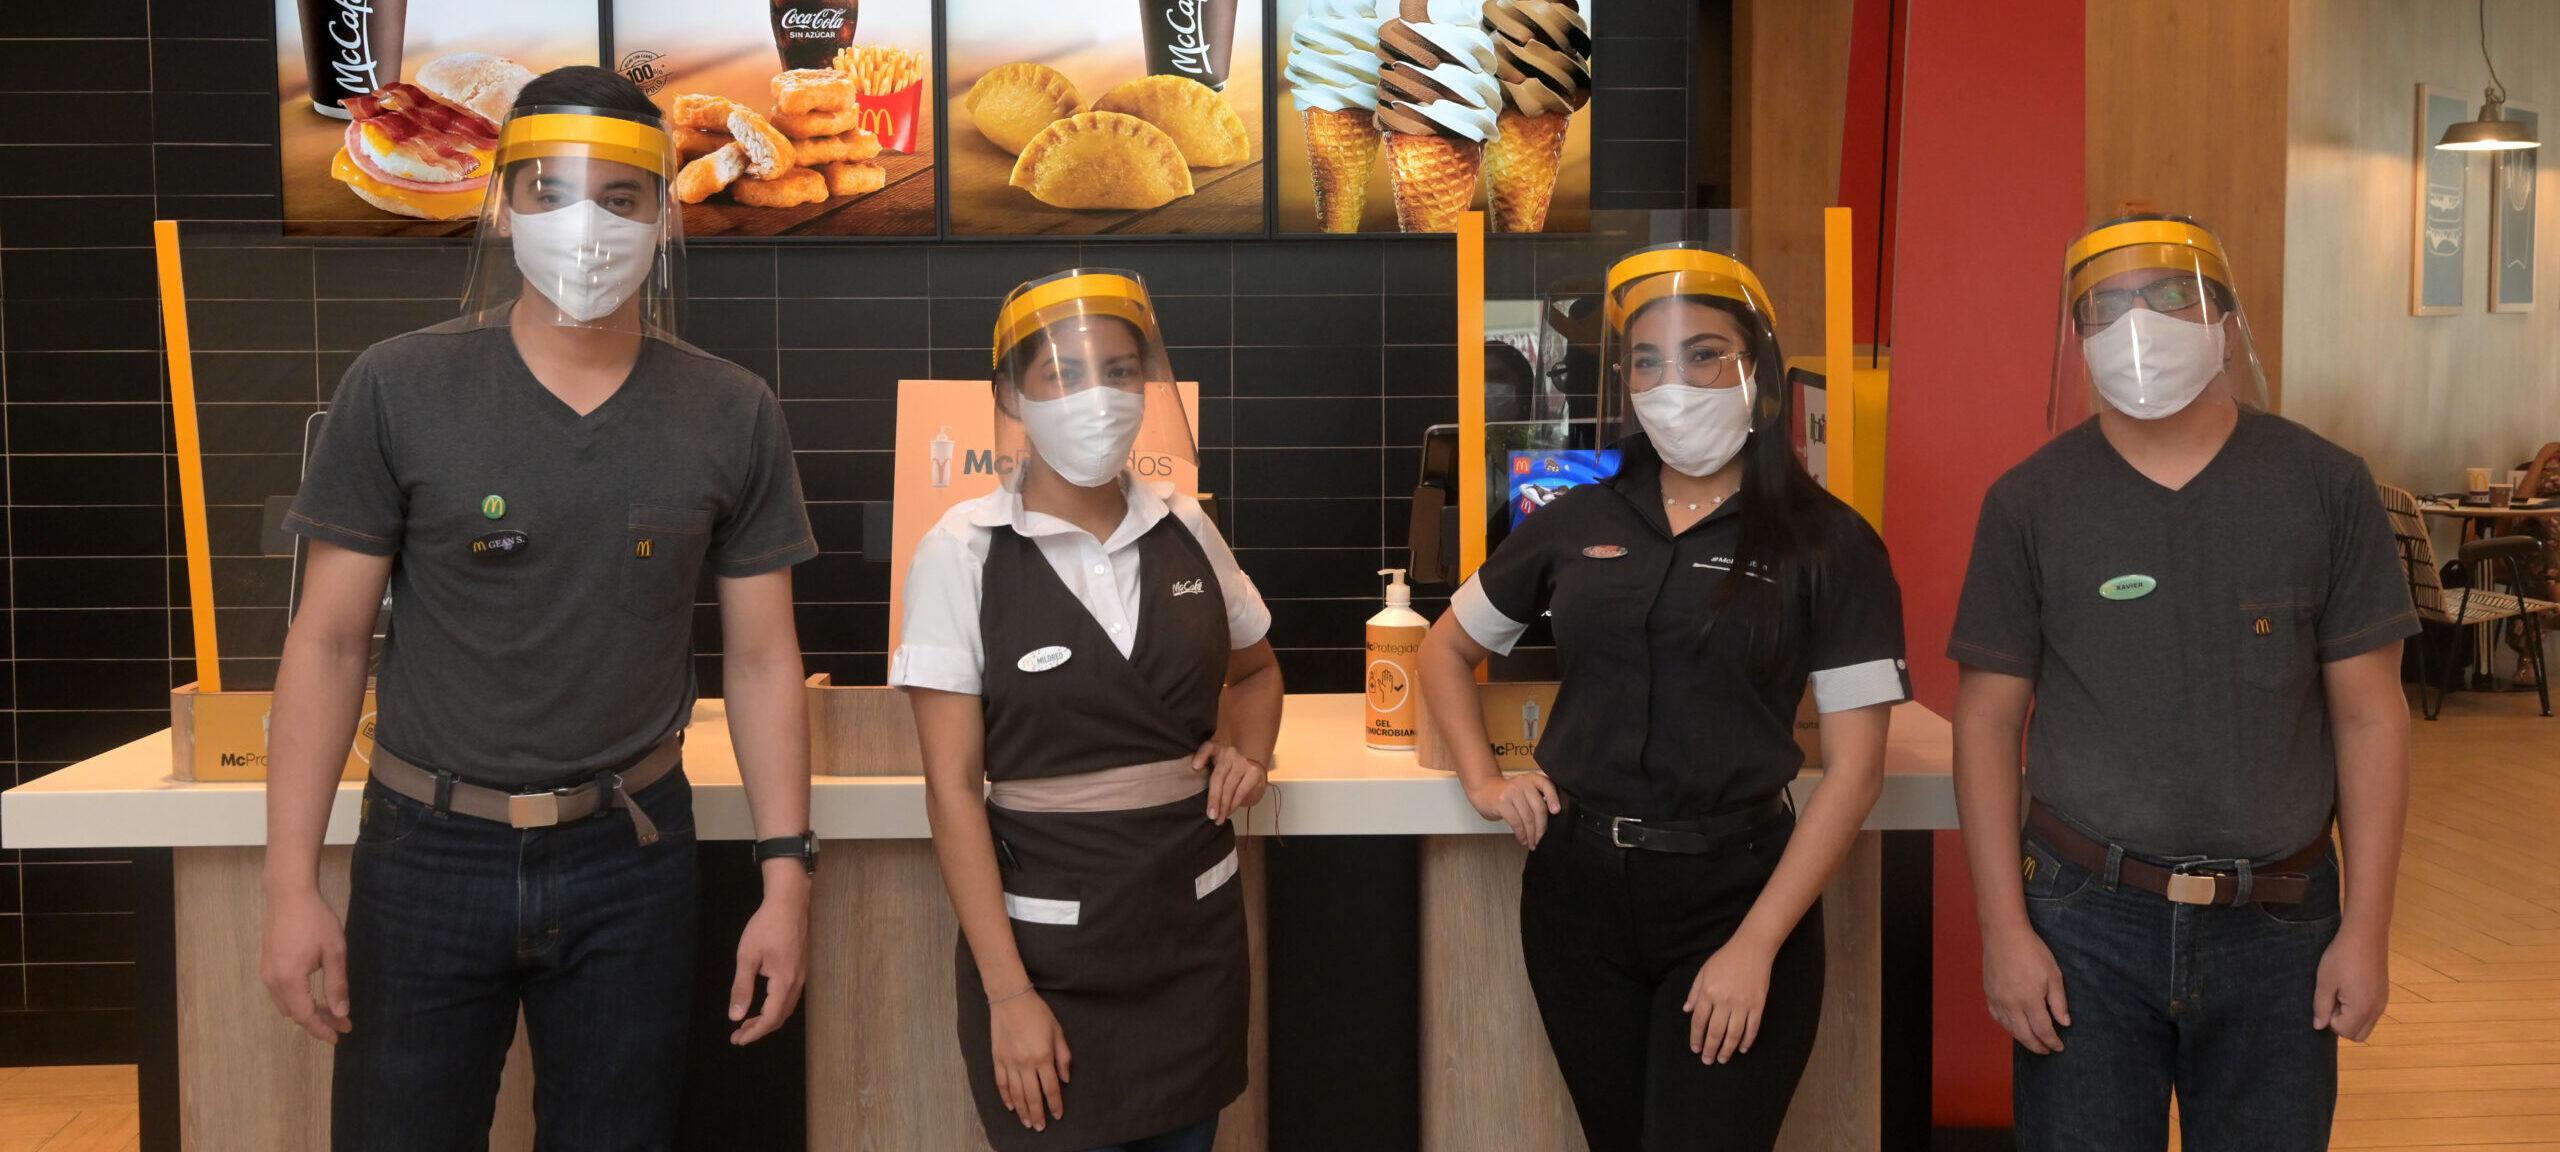 [Ecuador] McDonald's invierte abriendo un nuevo restaurante que genera nuevos empleos para jóvenes y fomenta la producción local para sumar a la reactivación económica del país en la pandemia